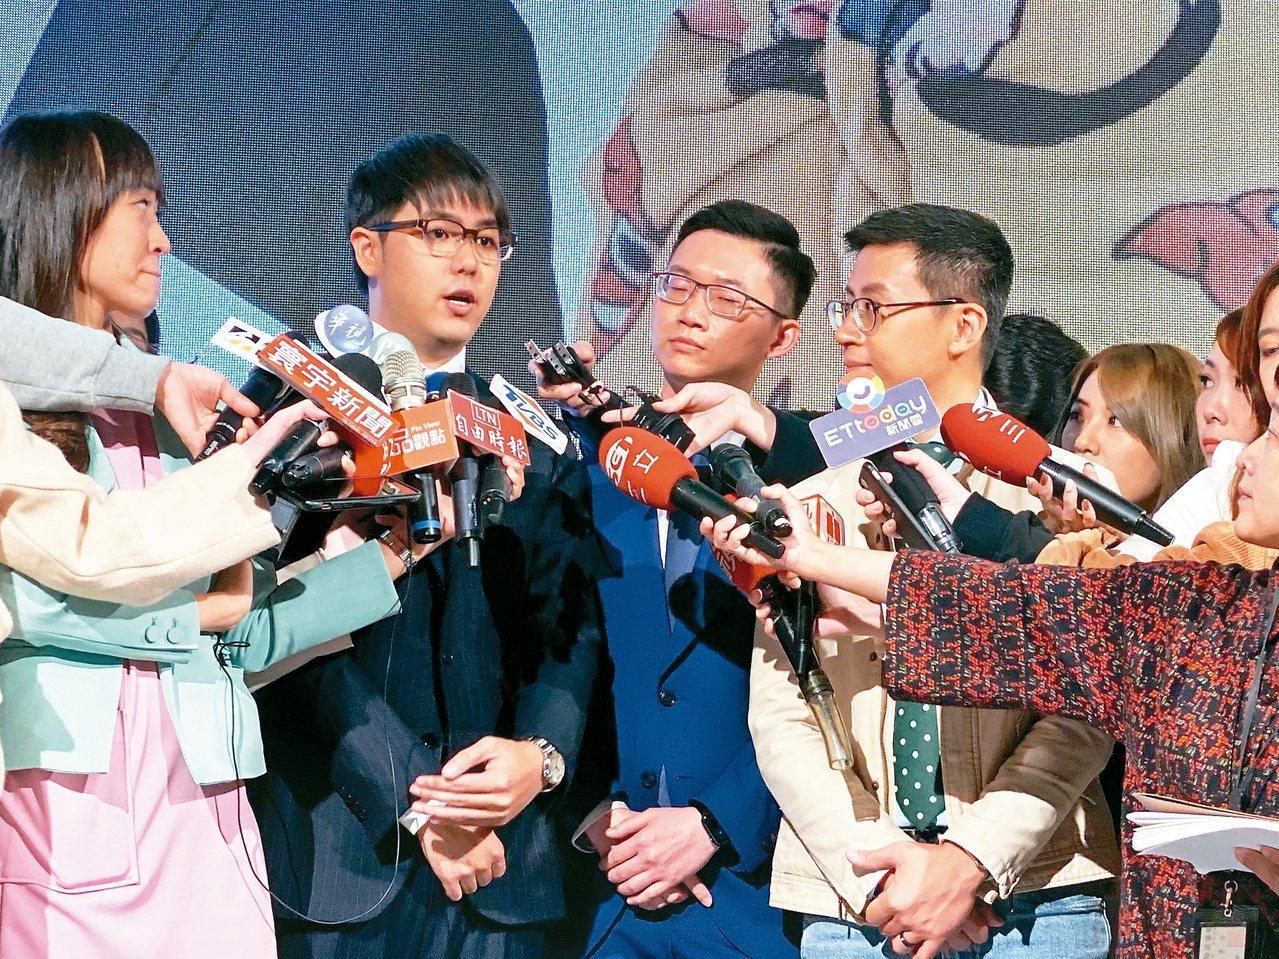 北市議員「呱吉」邱威傑與網紅志祺七七、視網膜組成「歡樂無法黨」,日前舉辦創黨大會...